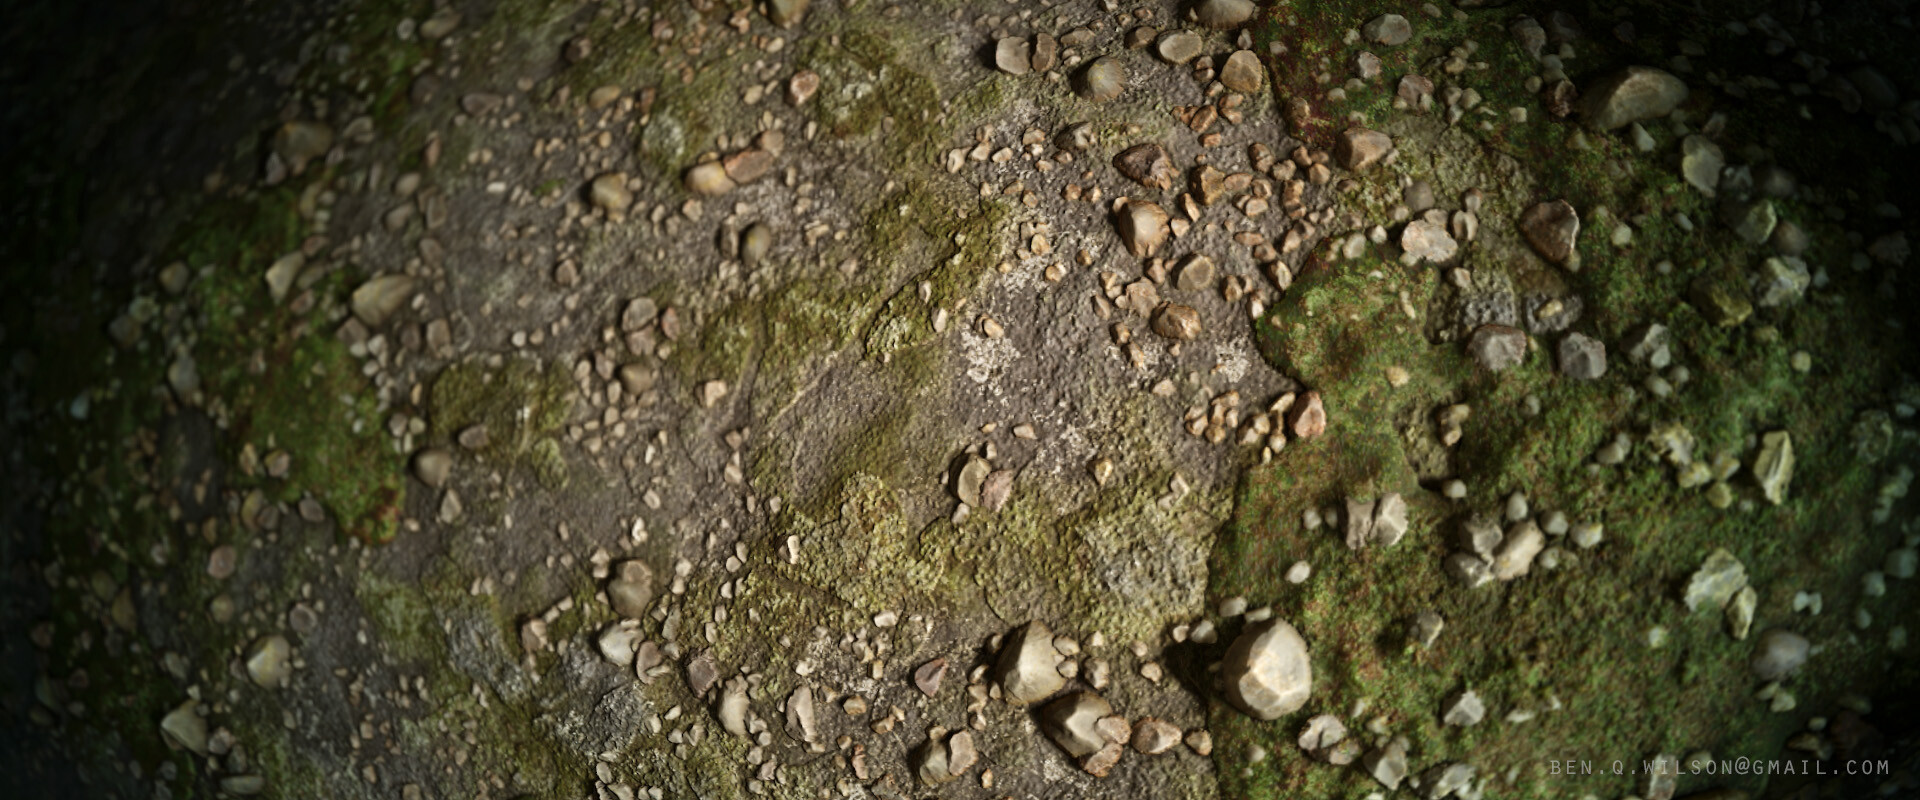 Ben wilson asphalt c 2